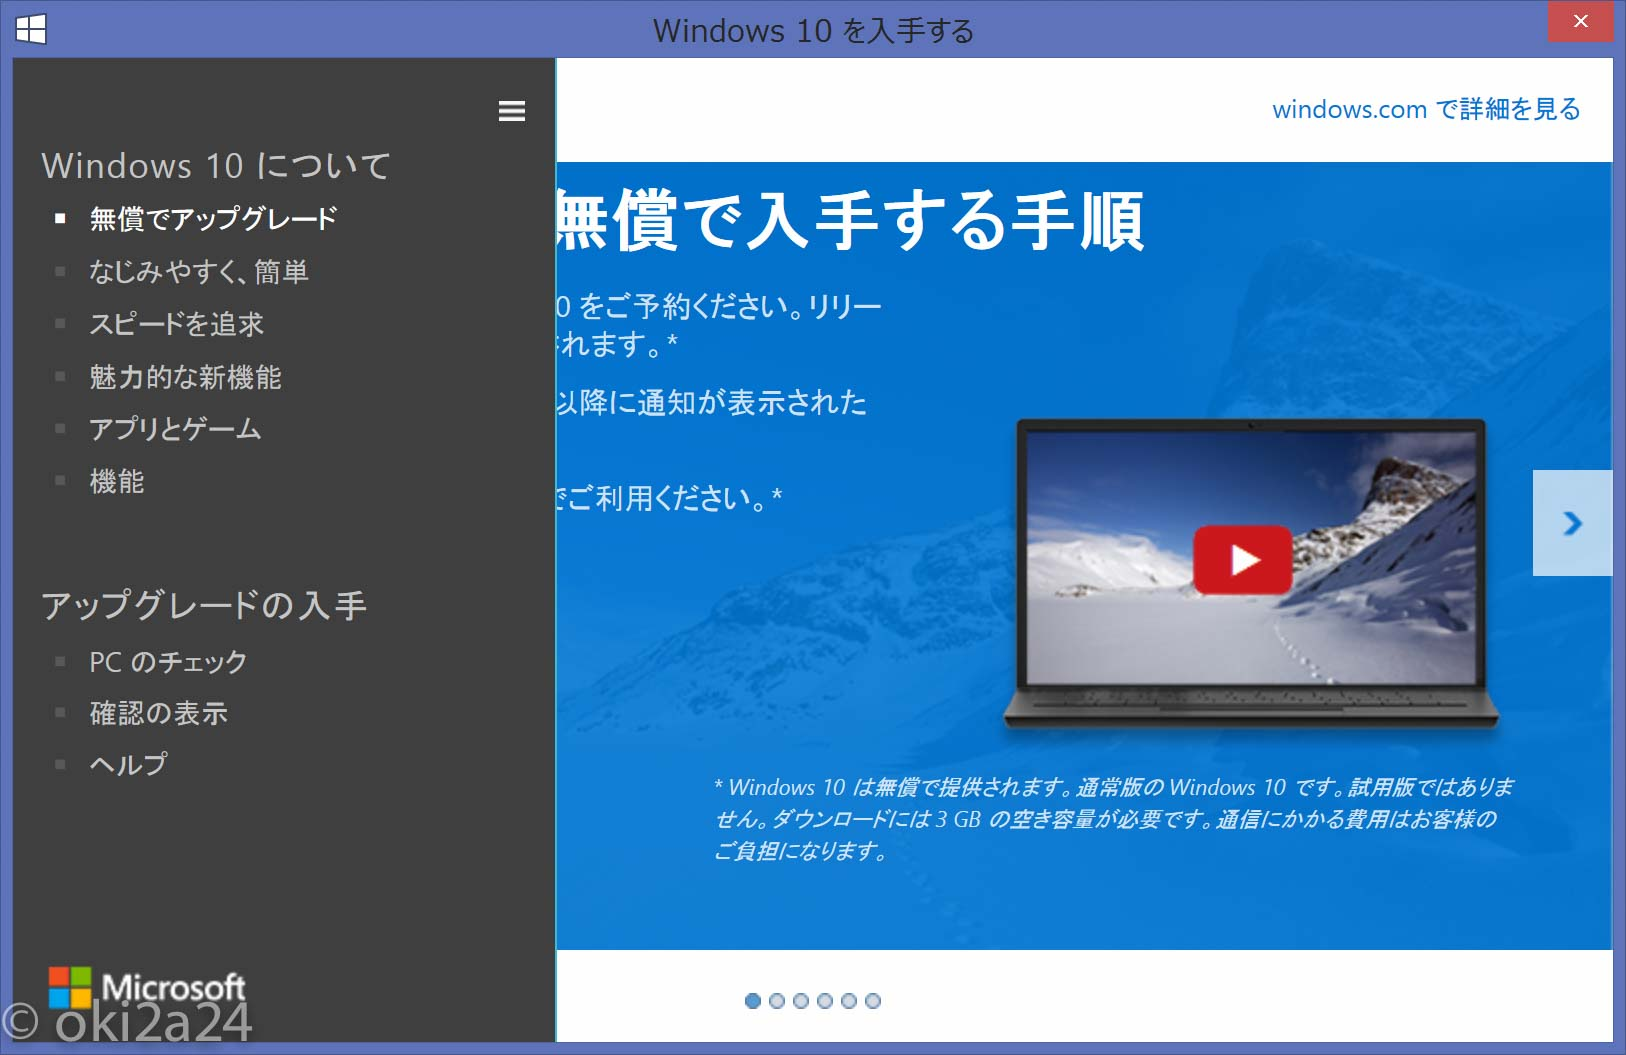 Get Windows 10 アプリの左上メニュー